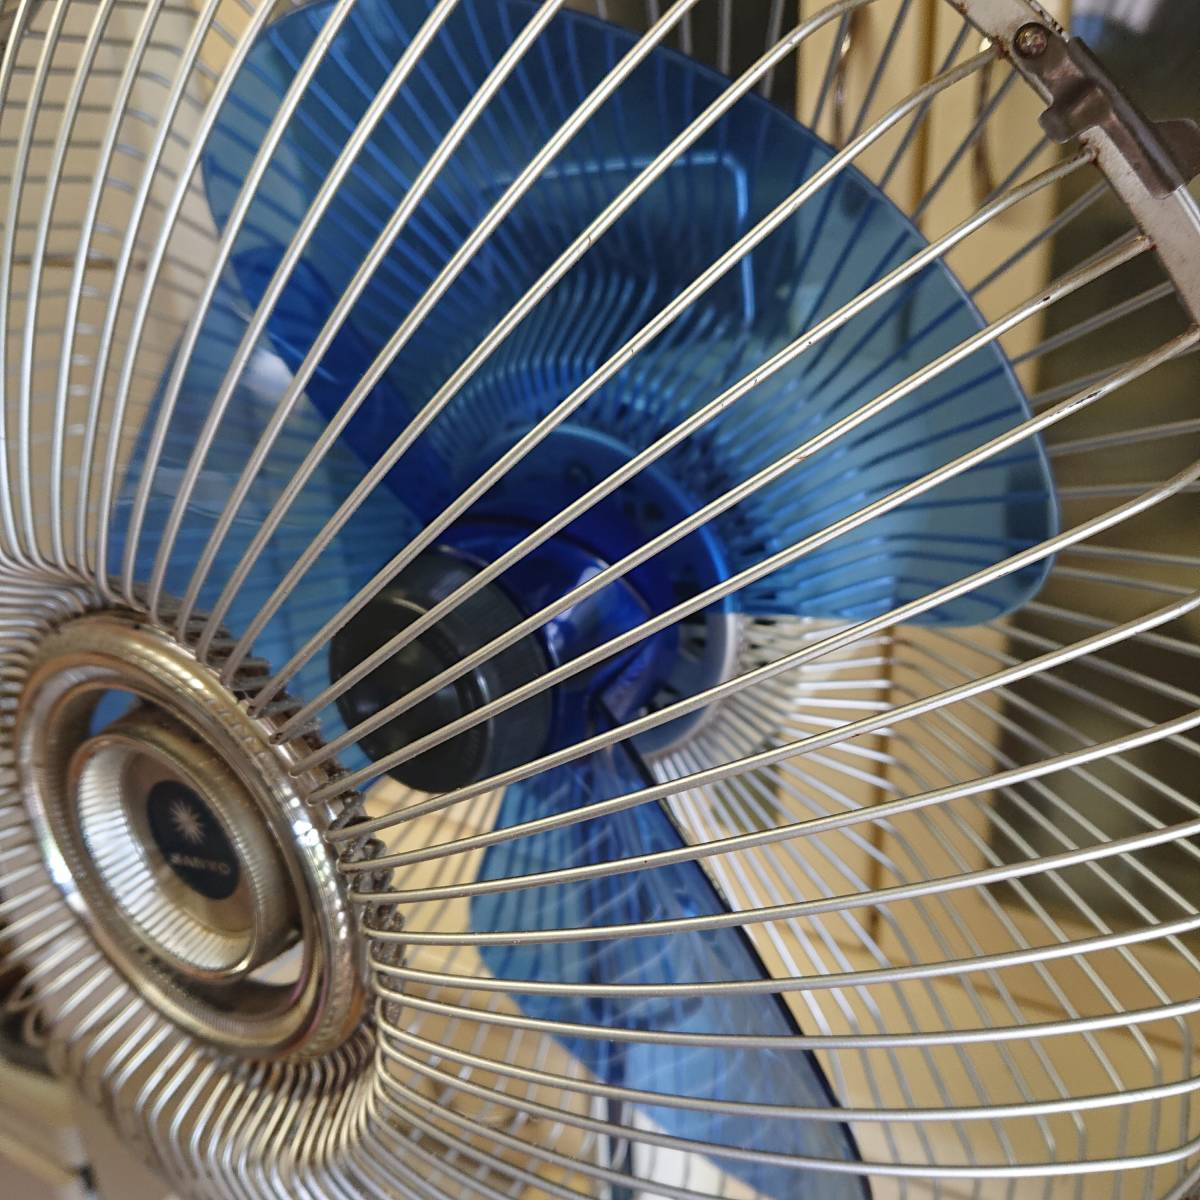 昭和レトロ☆三枚羽SANYOサンヨー 扇風機 ファンEF-6BN☆動作確認済み 高さ調整付_画像3